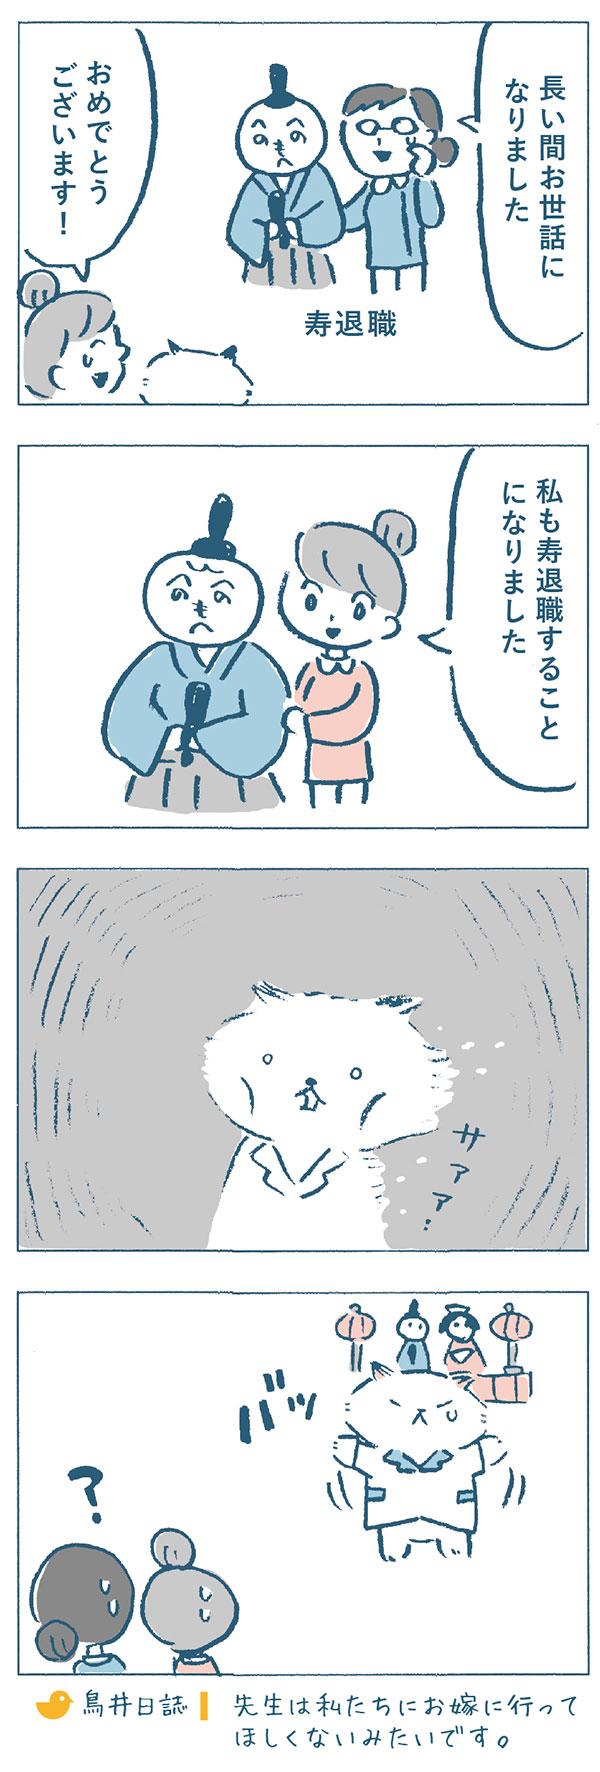 驚いたねこやま先生は、『長い間お世話になりました』『私も寿退社することにしました。』と次々にクリニックを去ってしまう熊野さんと奈央子の姿を想像して、血の気が引いてしまいました。そして雛人形の前に両手を広げてたち、片付けようとする2人を止めようとするねこやま先生なのでした。